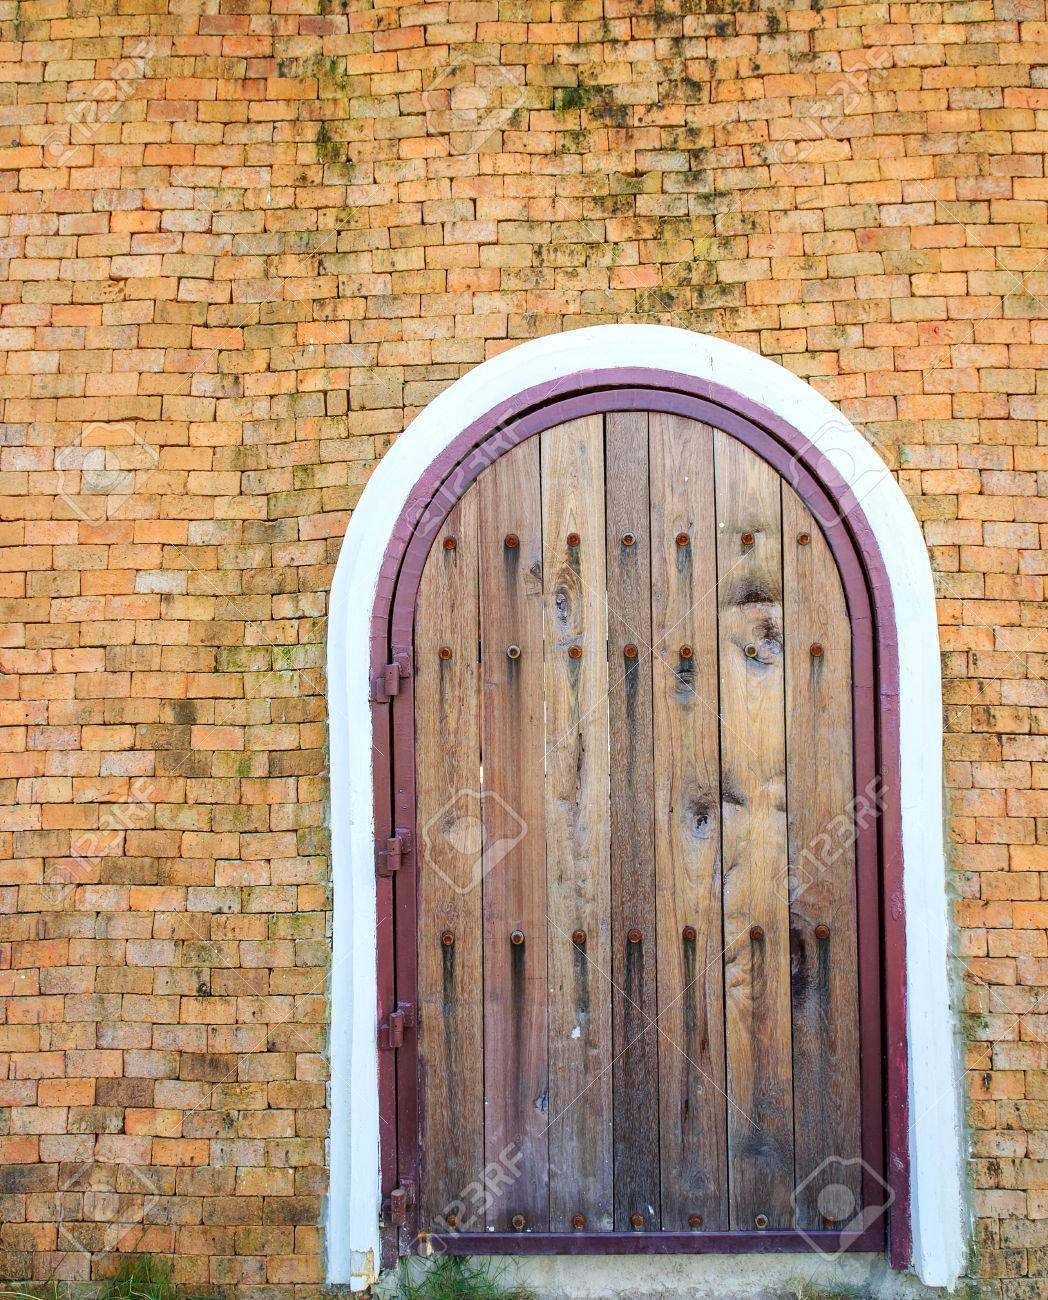 Geschlossene tür zeichnung  Wooden Vintage Geschlossene Tür Mit Mauer Zum Haus Lizenzfreie ...